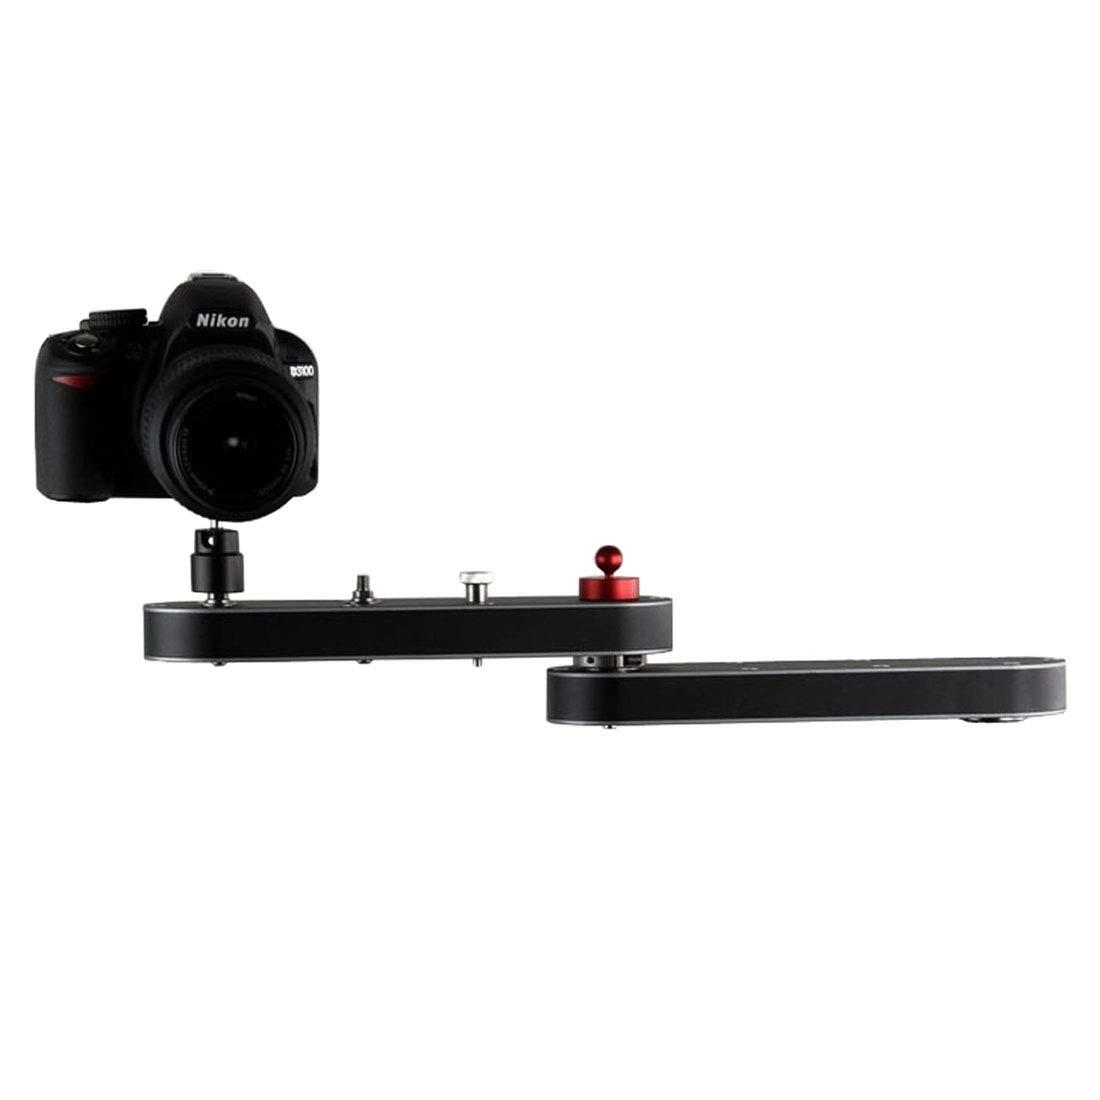 【500円引きクーポン】 SY-4BZJポータブル4Xスライドレール延長延長高速カメラ撮影スタビライザー対応Gopro/ Nikon/DSLR B07NW2F34L/SLRカメラ/ビデオカメラ B07NW2F34L, サイガワマチ:e4c8682c --- sabinosports.com